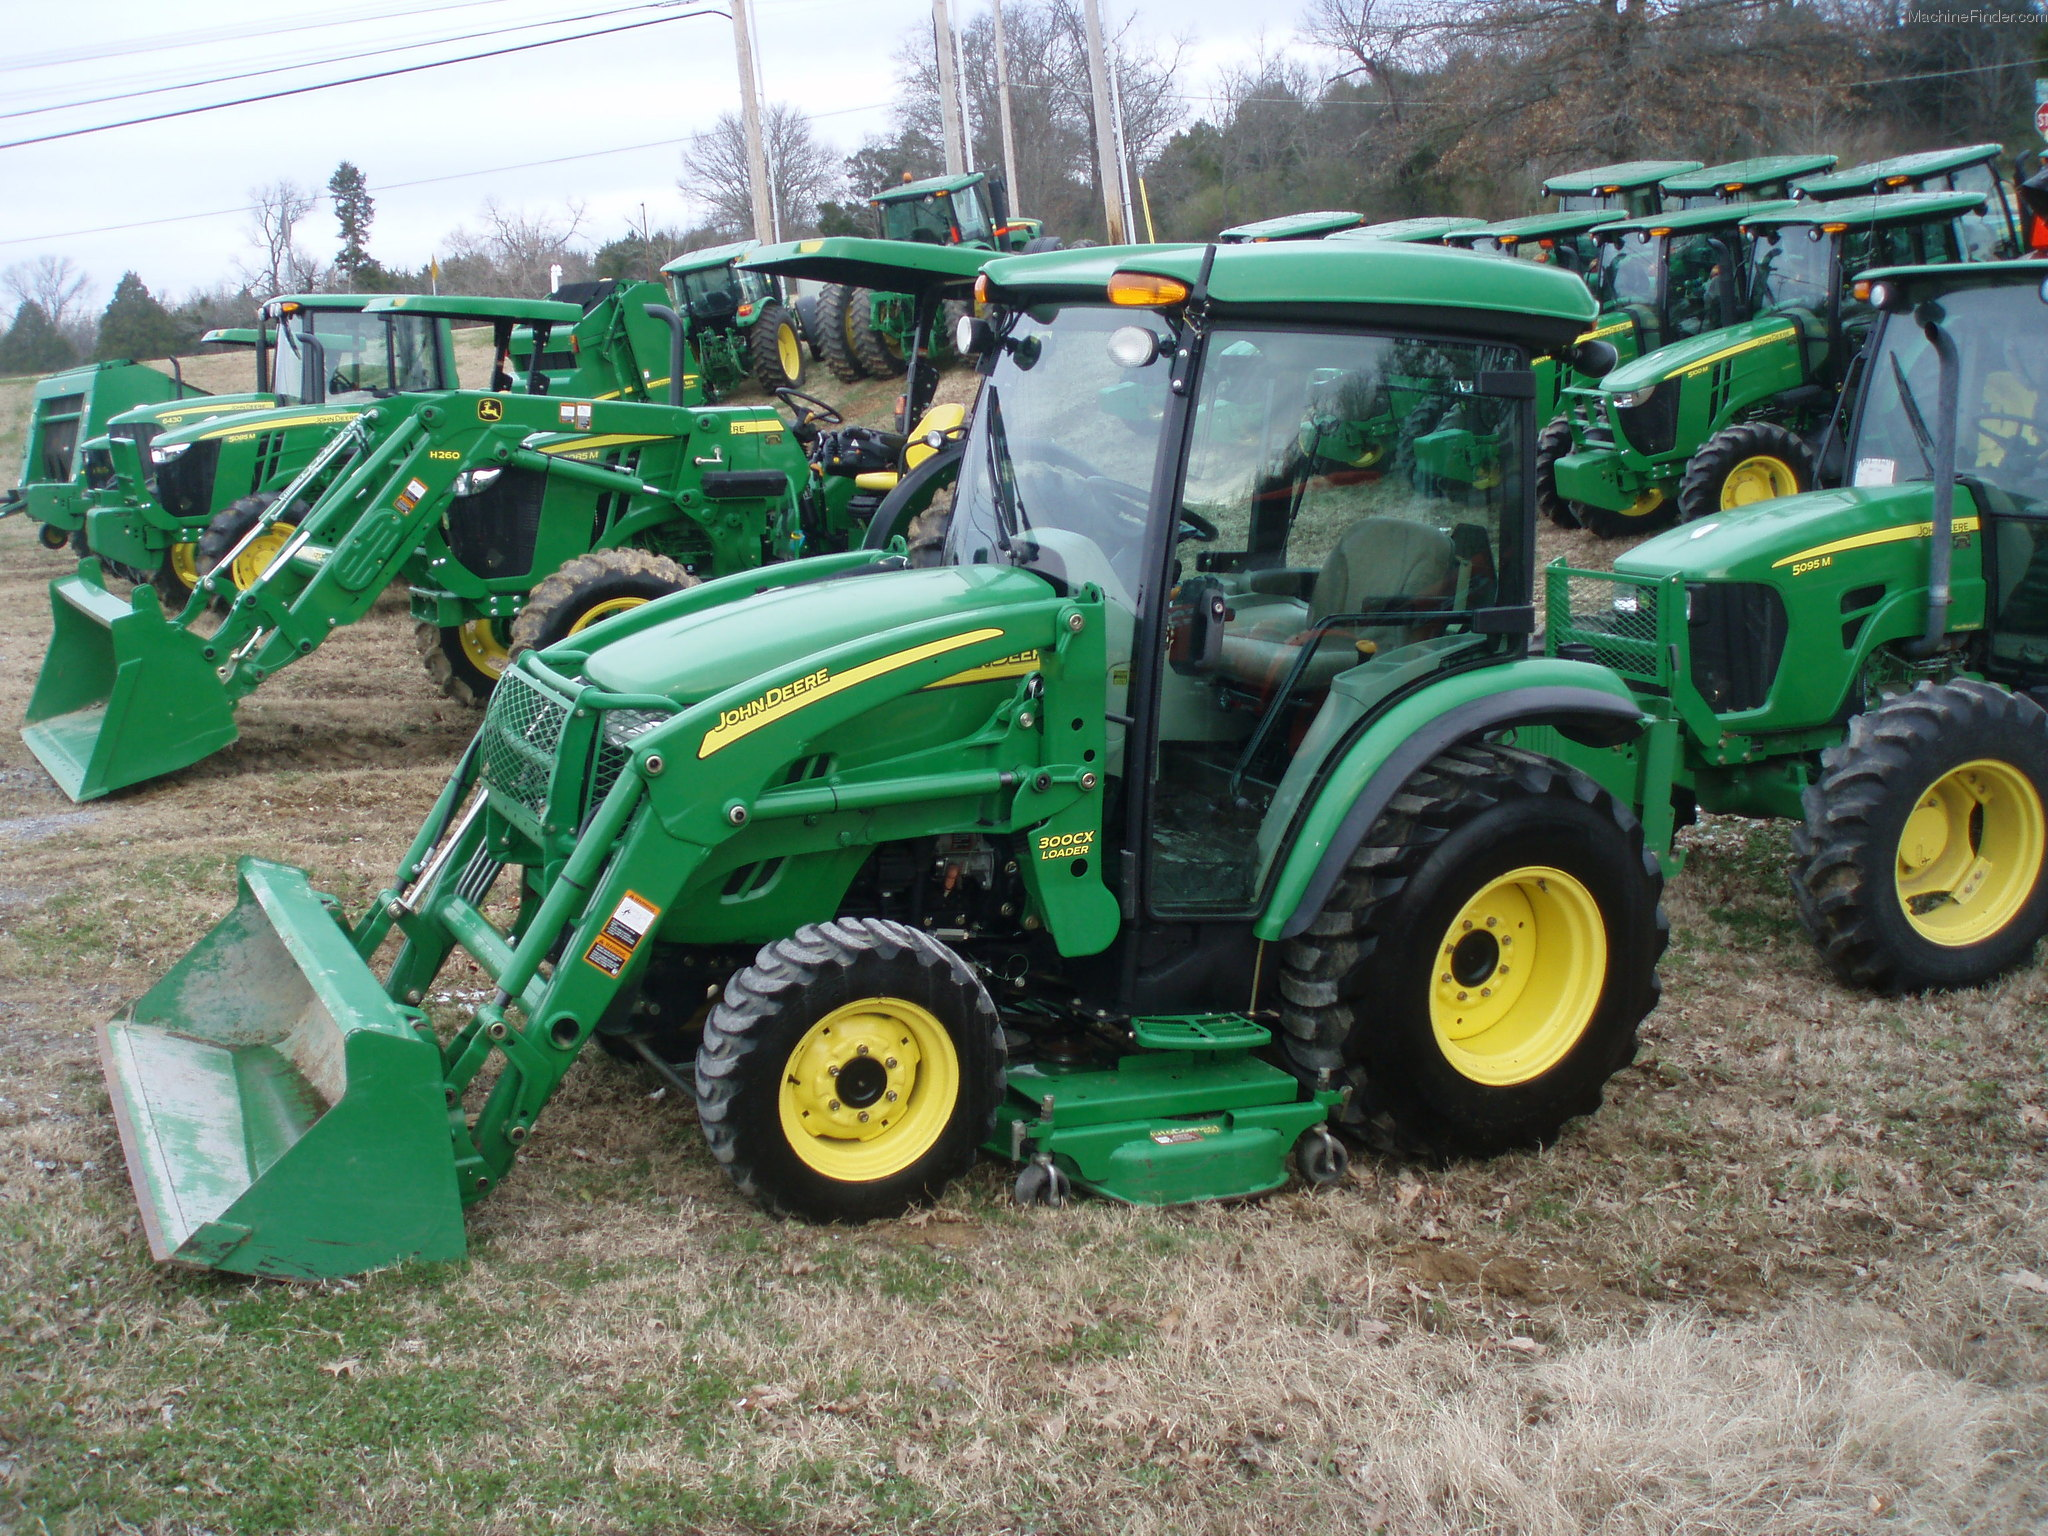 2007 John Deere 3520 Wiring Diagram Detailed Schematics 4320 Schematic Parts Www Tractor